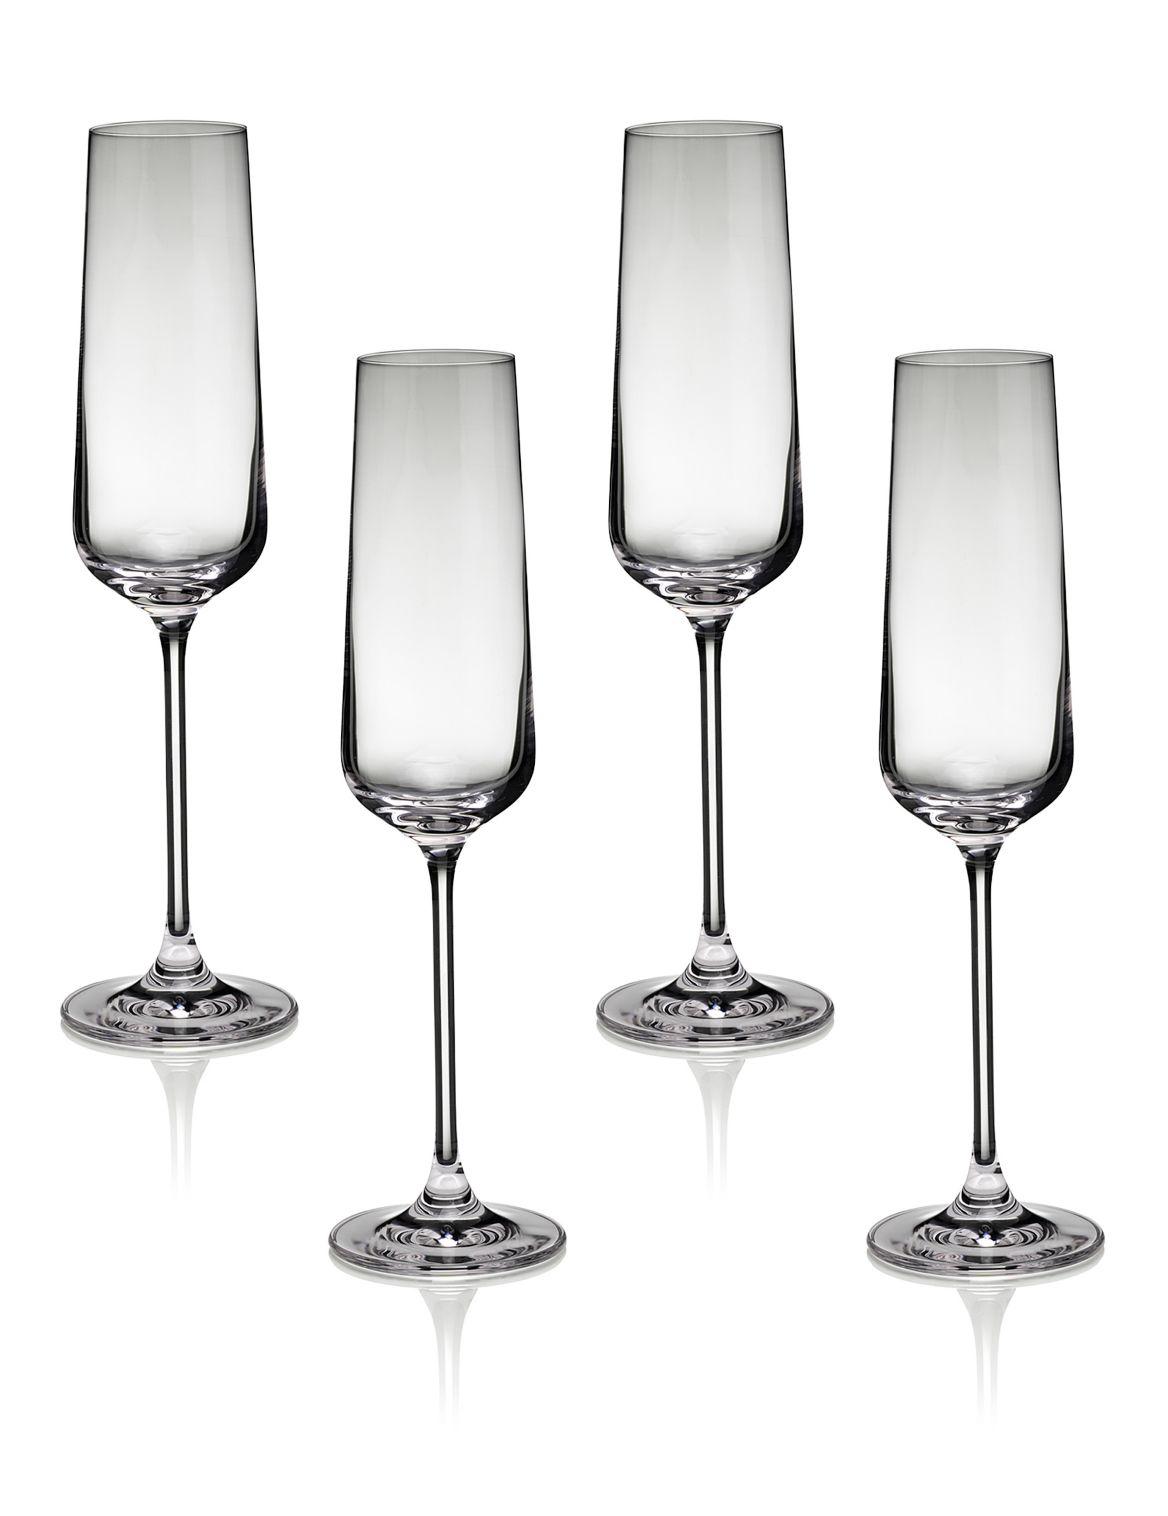 Nova– 4fl??tes ? champagne. DimensionsHauteur:27 cm;Volume/Capacit??:27 cl;Fiche produitDes grands verres modernes, pour un sens de la m